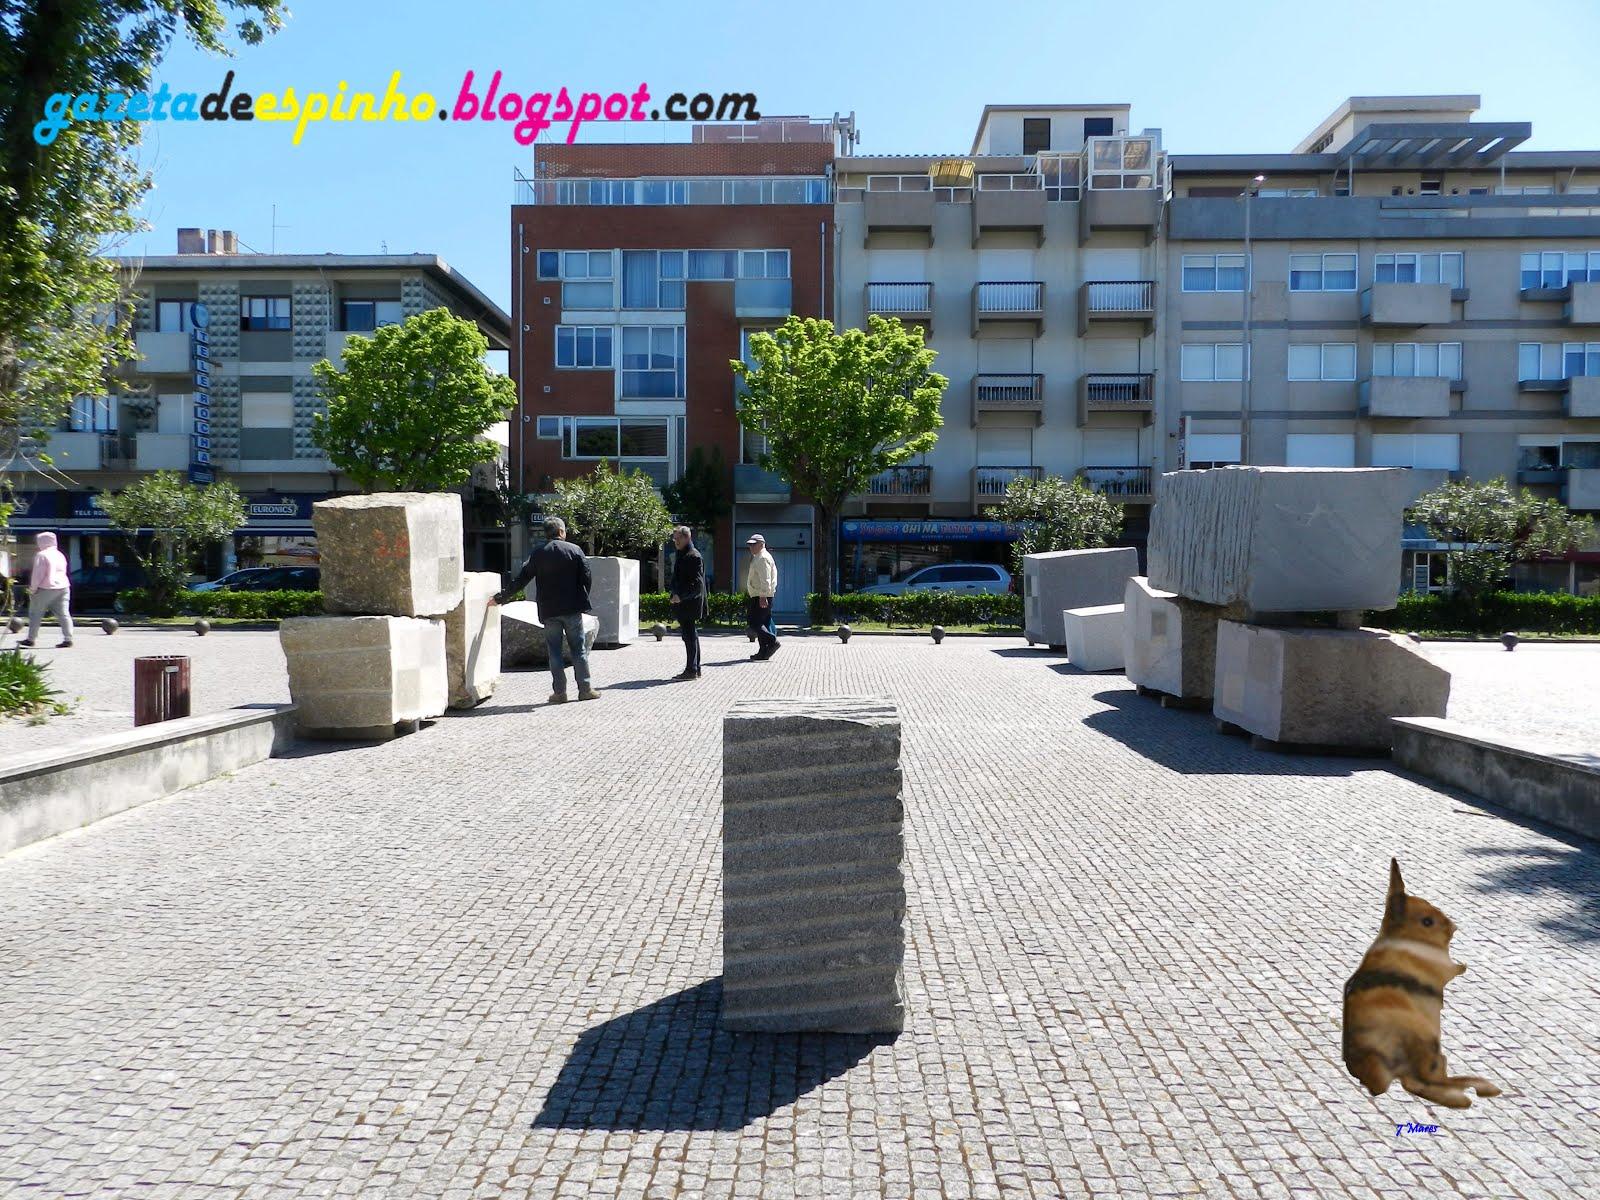 Gazeta de espinho granifair feira internacional do granito for Granito internacional